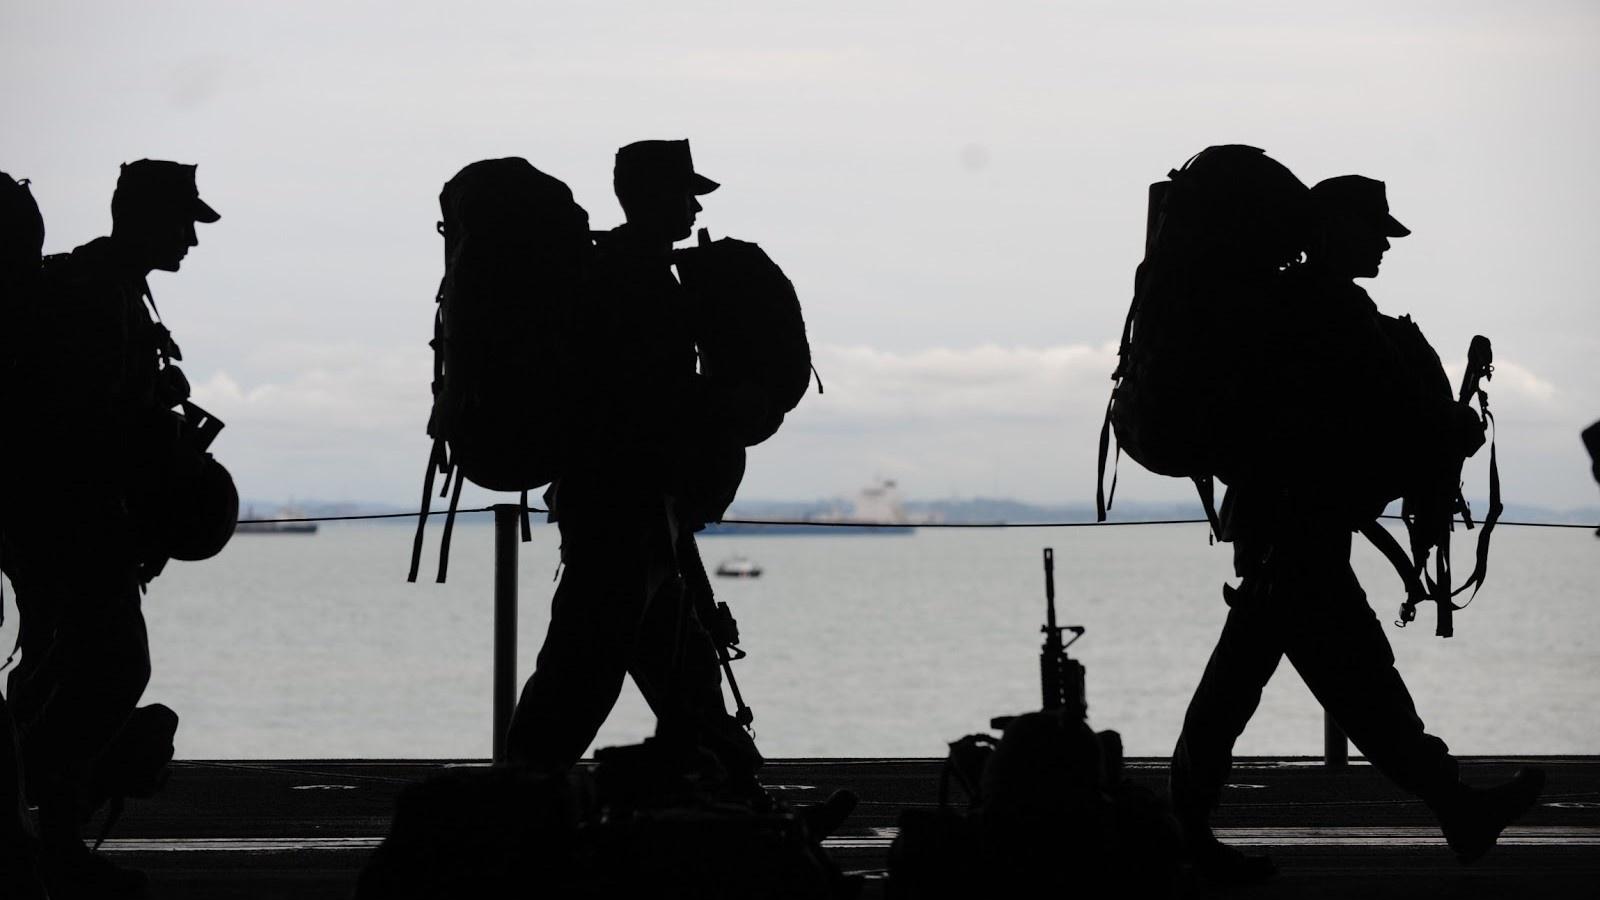 military men walking